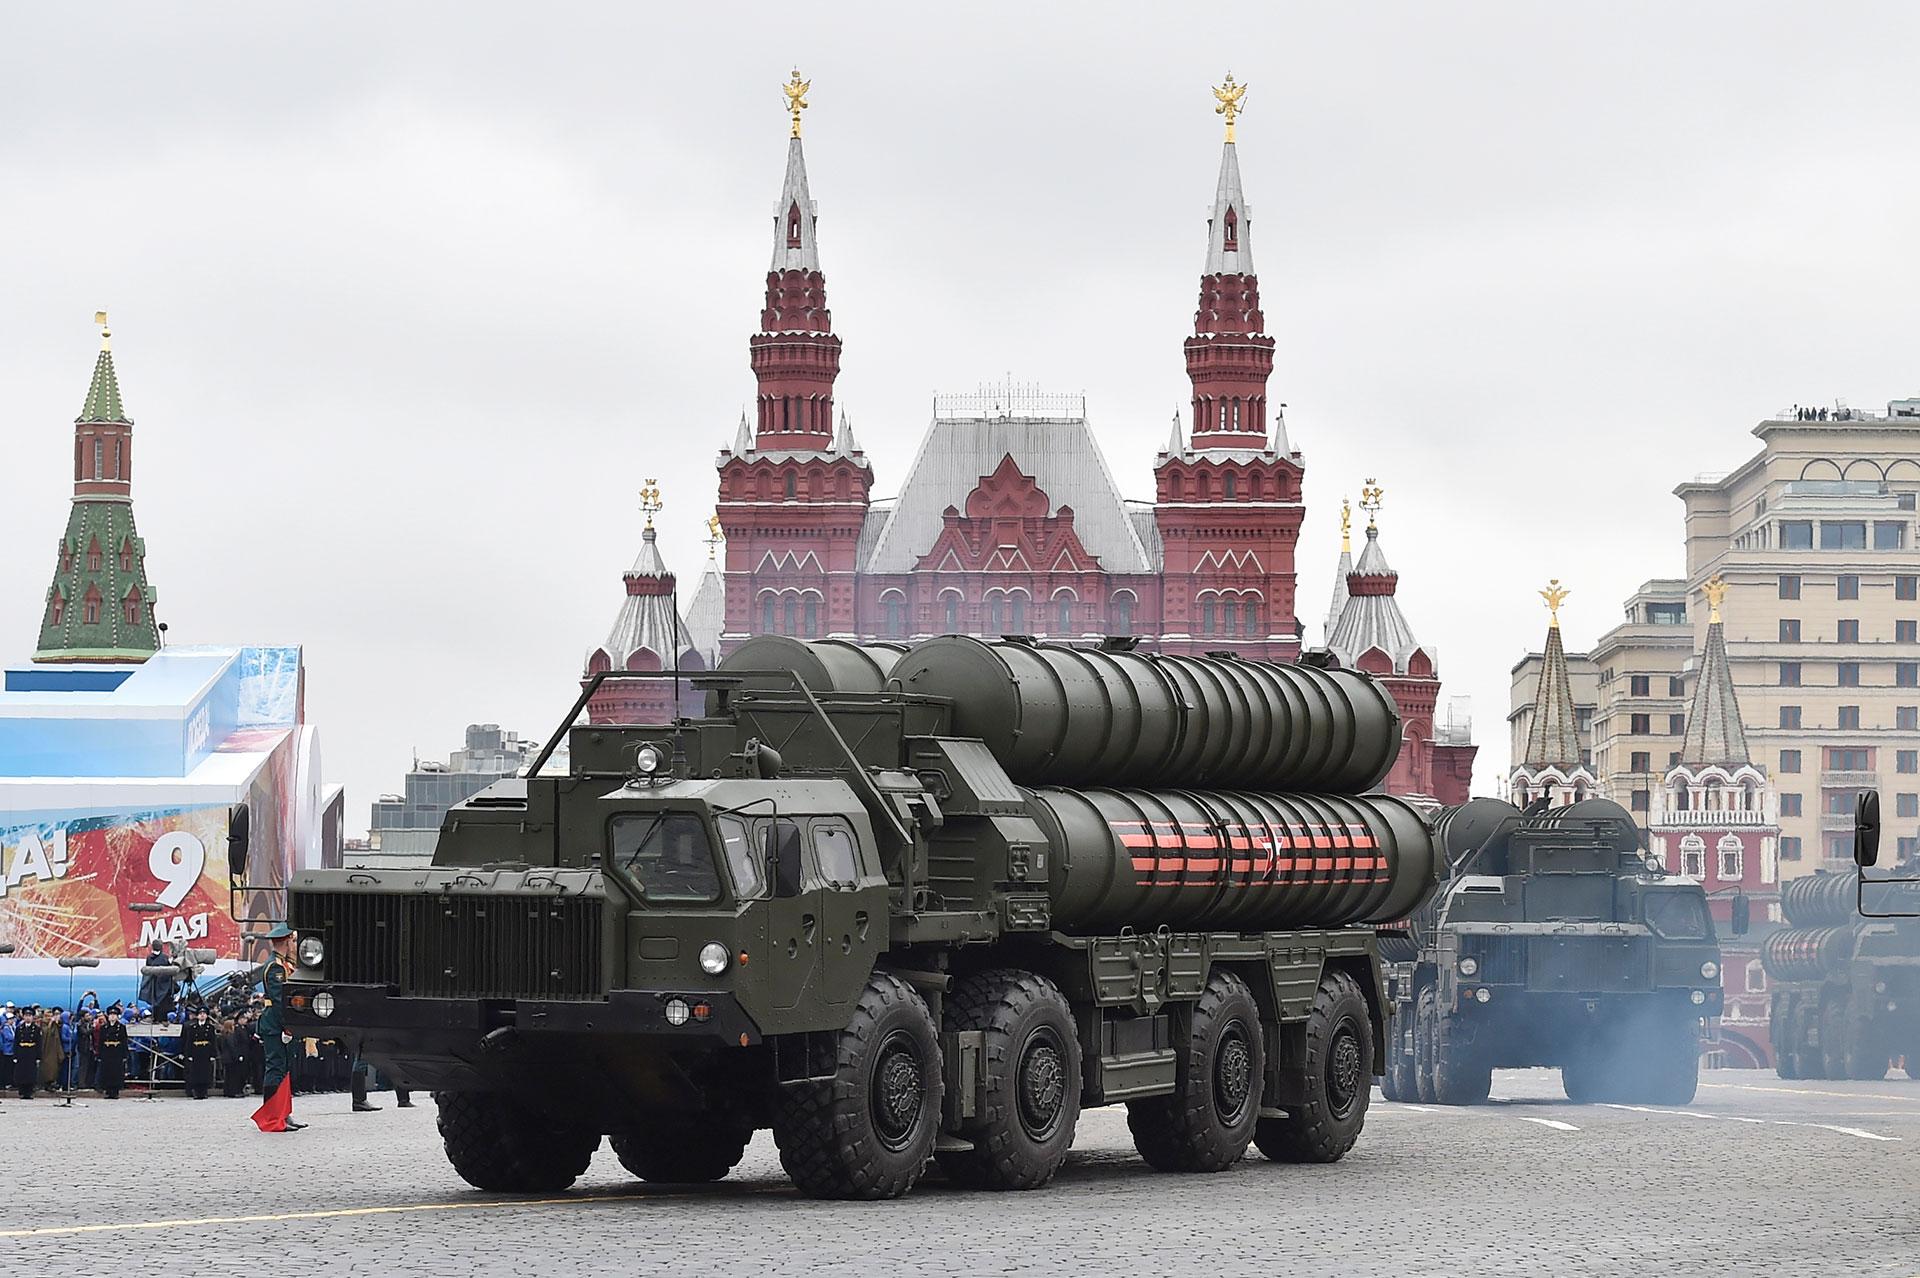 Misiles antiaéreos de medio y largo alcance S-400, los más modernos del arsenal ruso y comparables a los utilizados en el THAAD estadounidense (AFP)